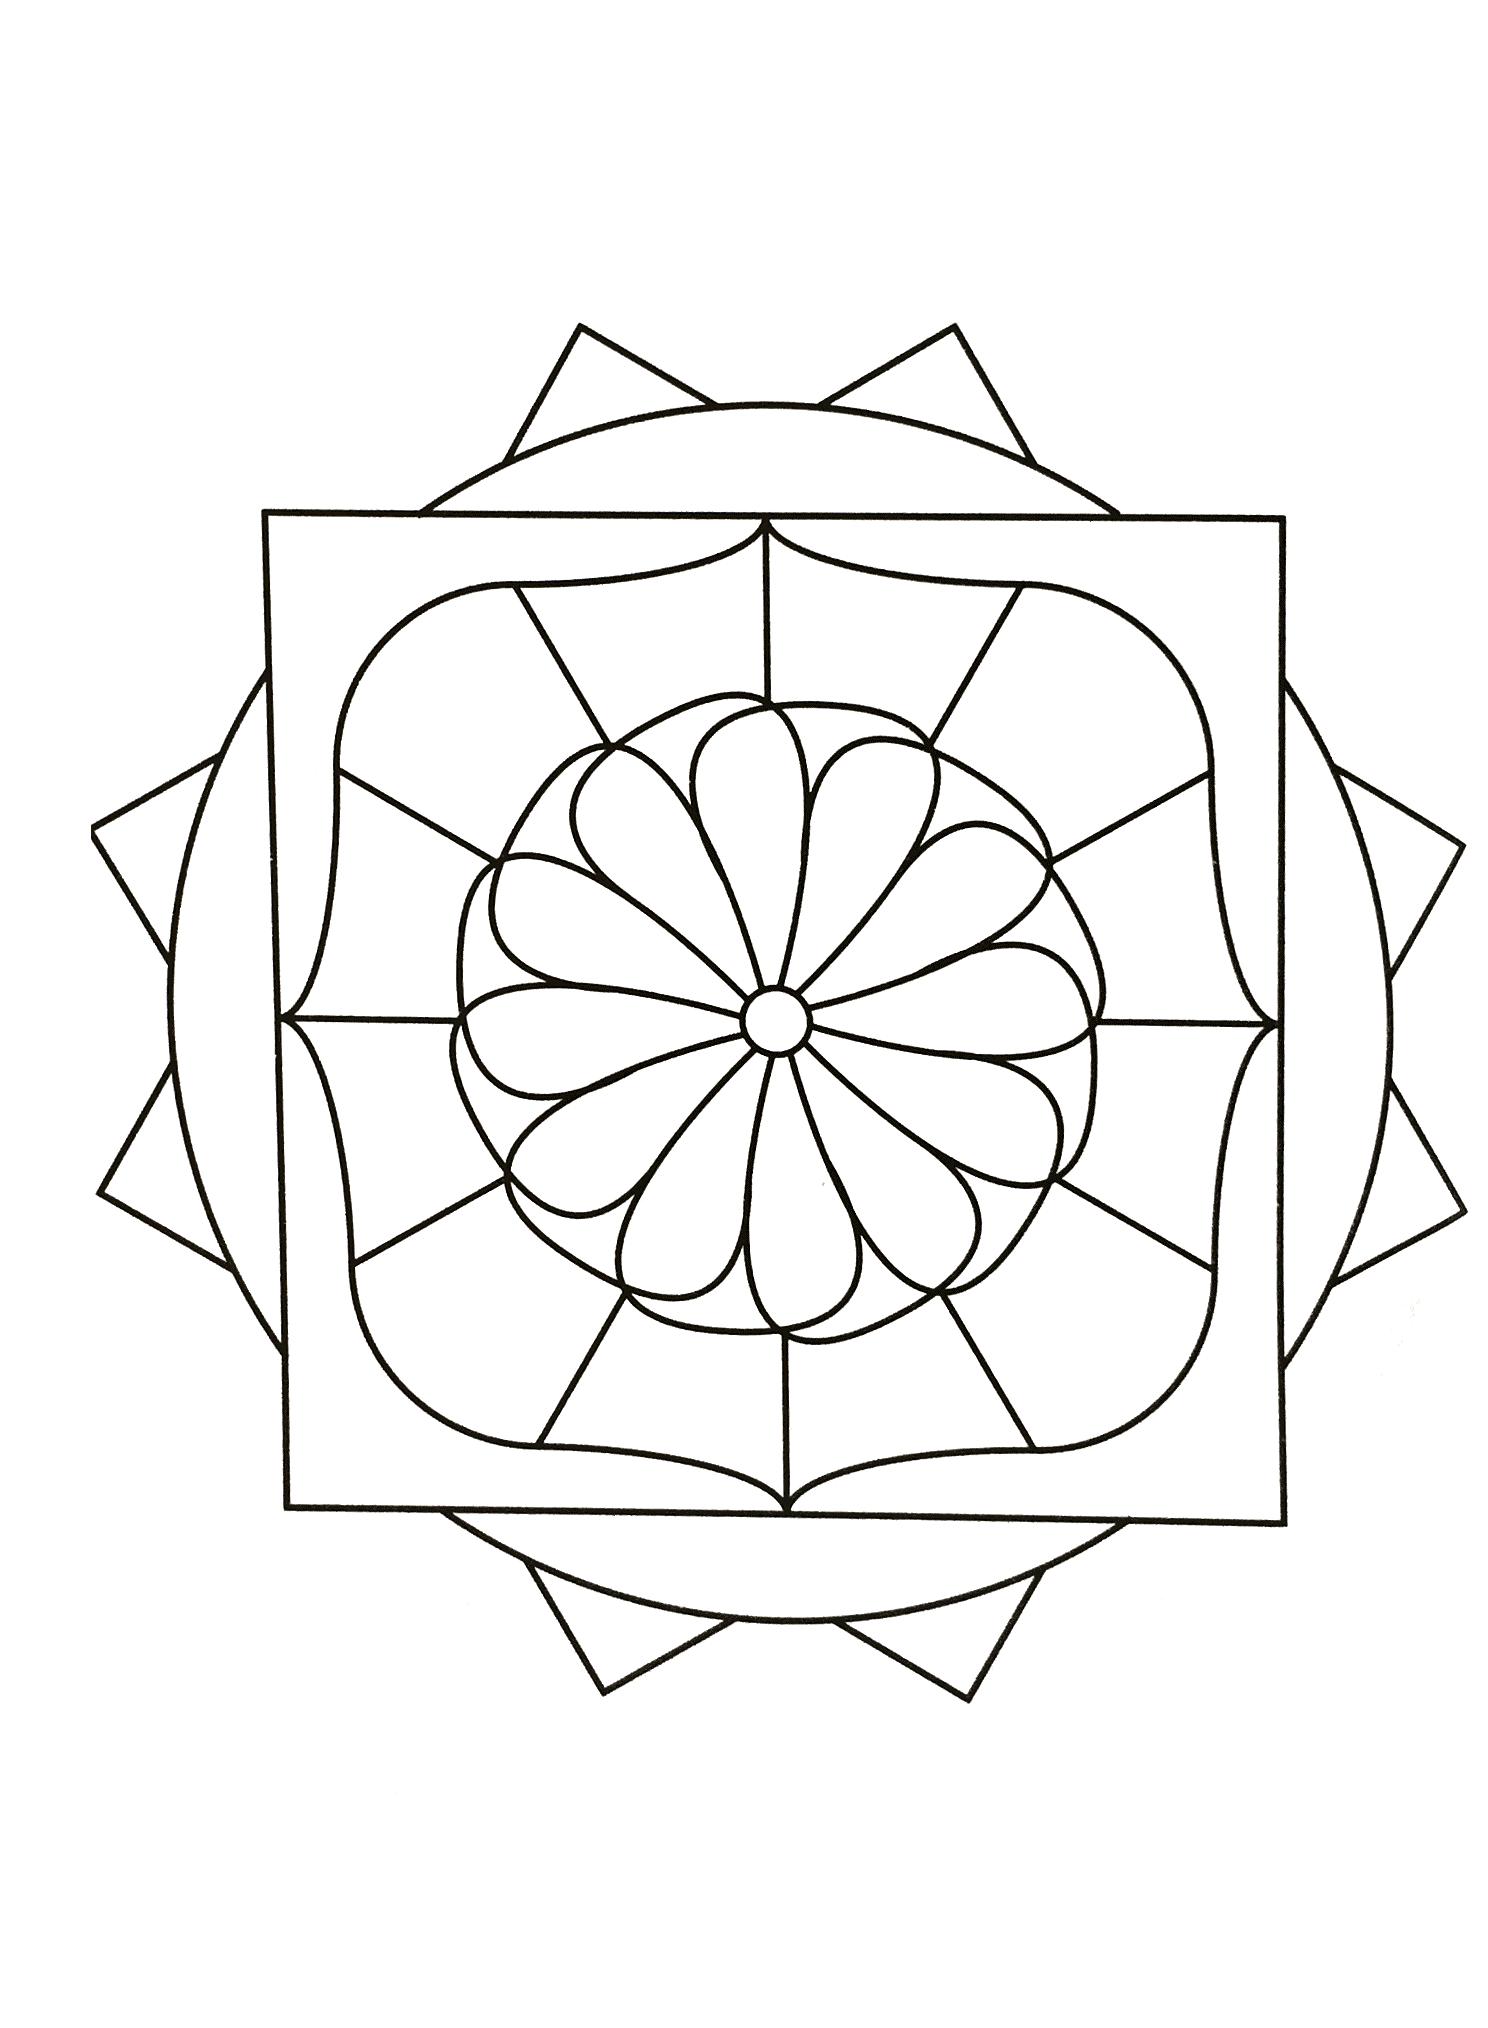 Free mandalas page mandalasgeometrictoprint coloring